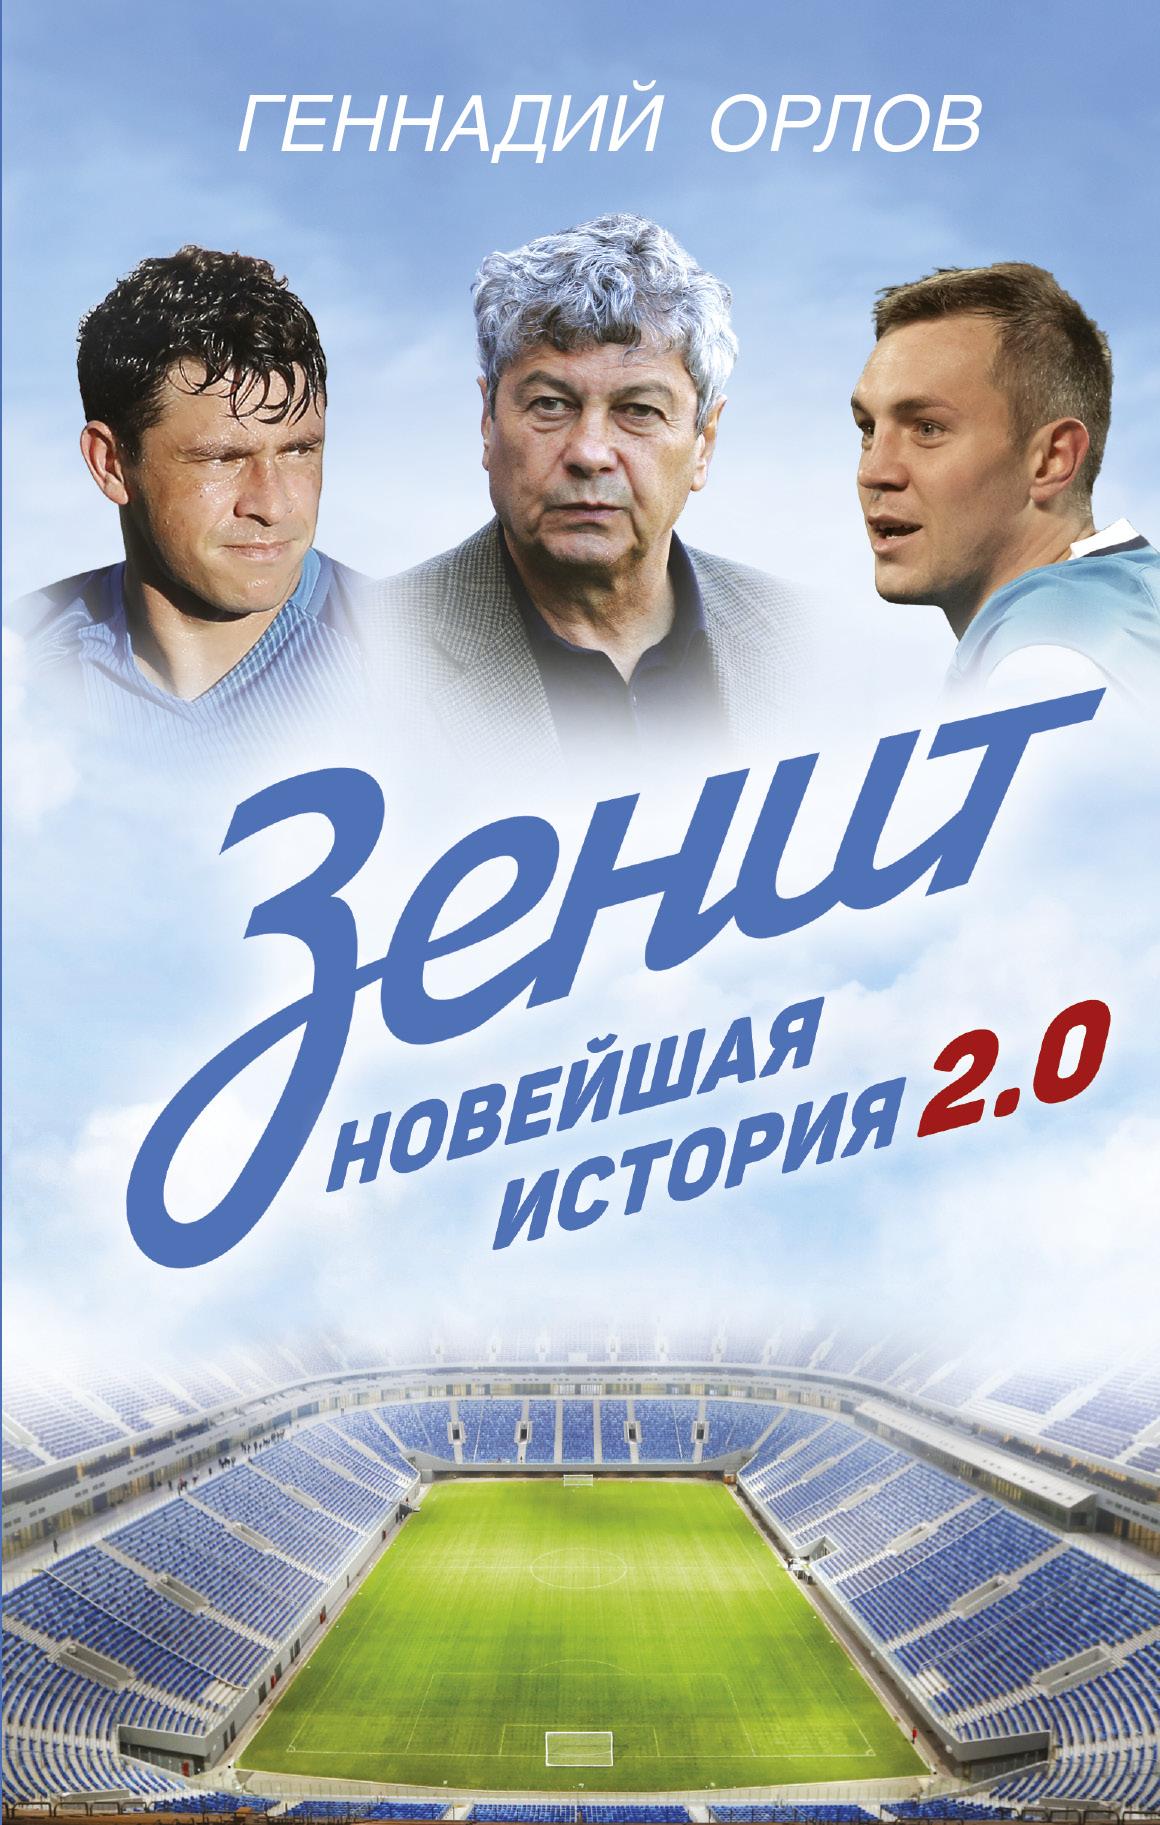 Зенит. Новейшая история. 2.0. Геннадий Орлов